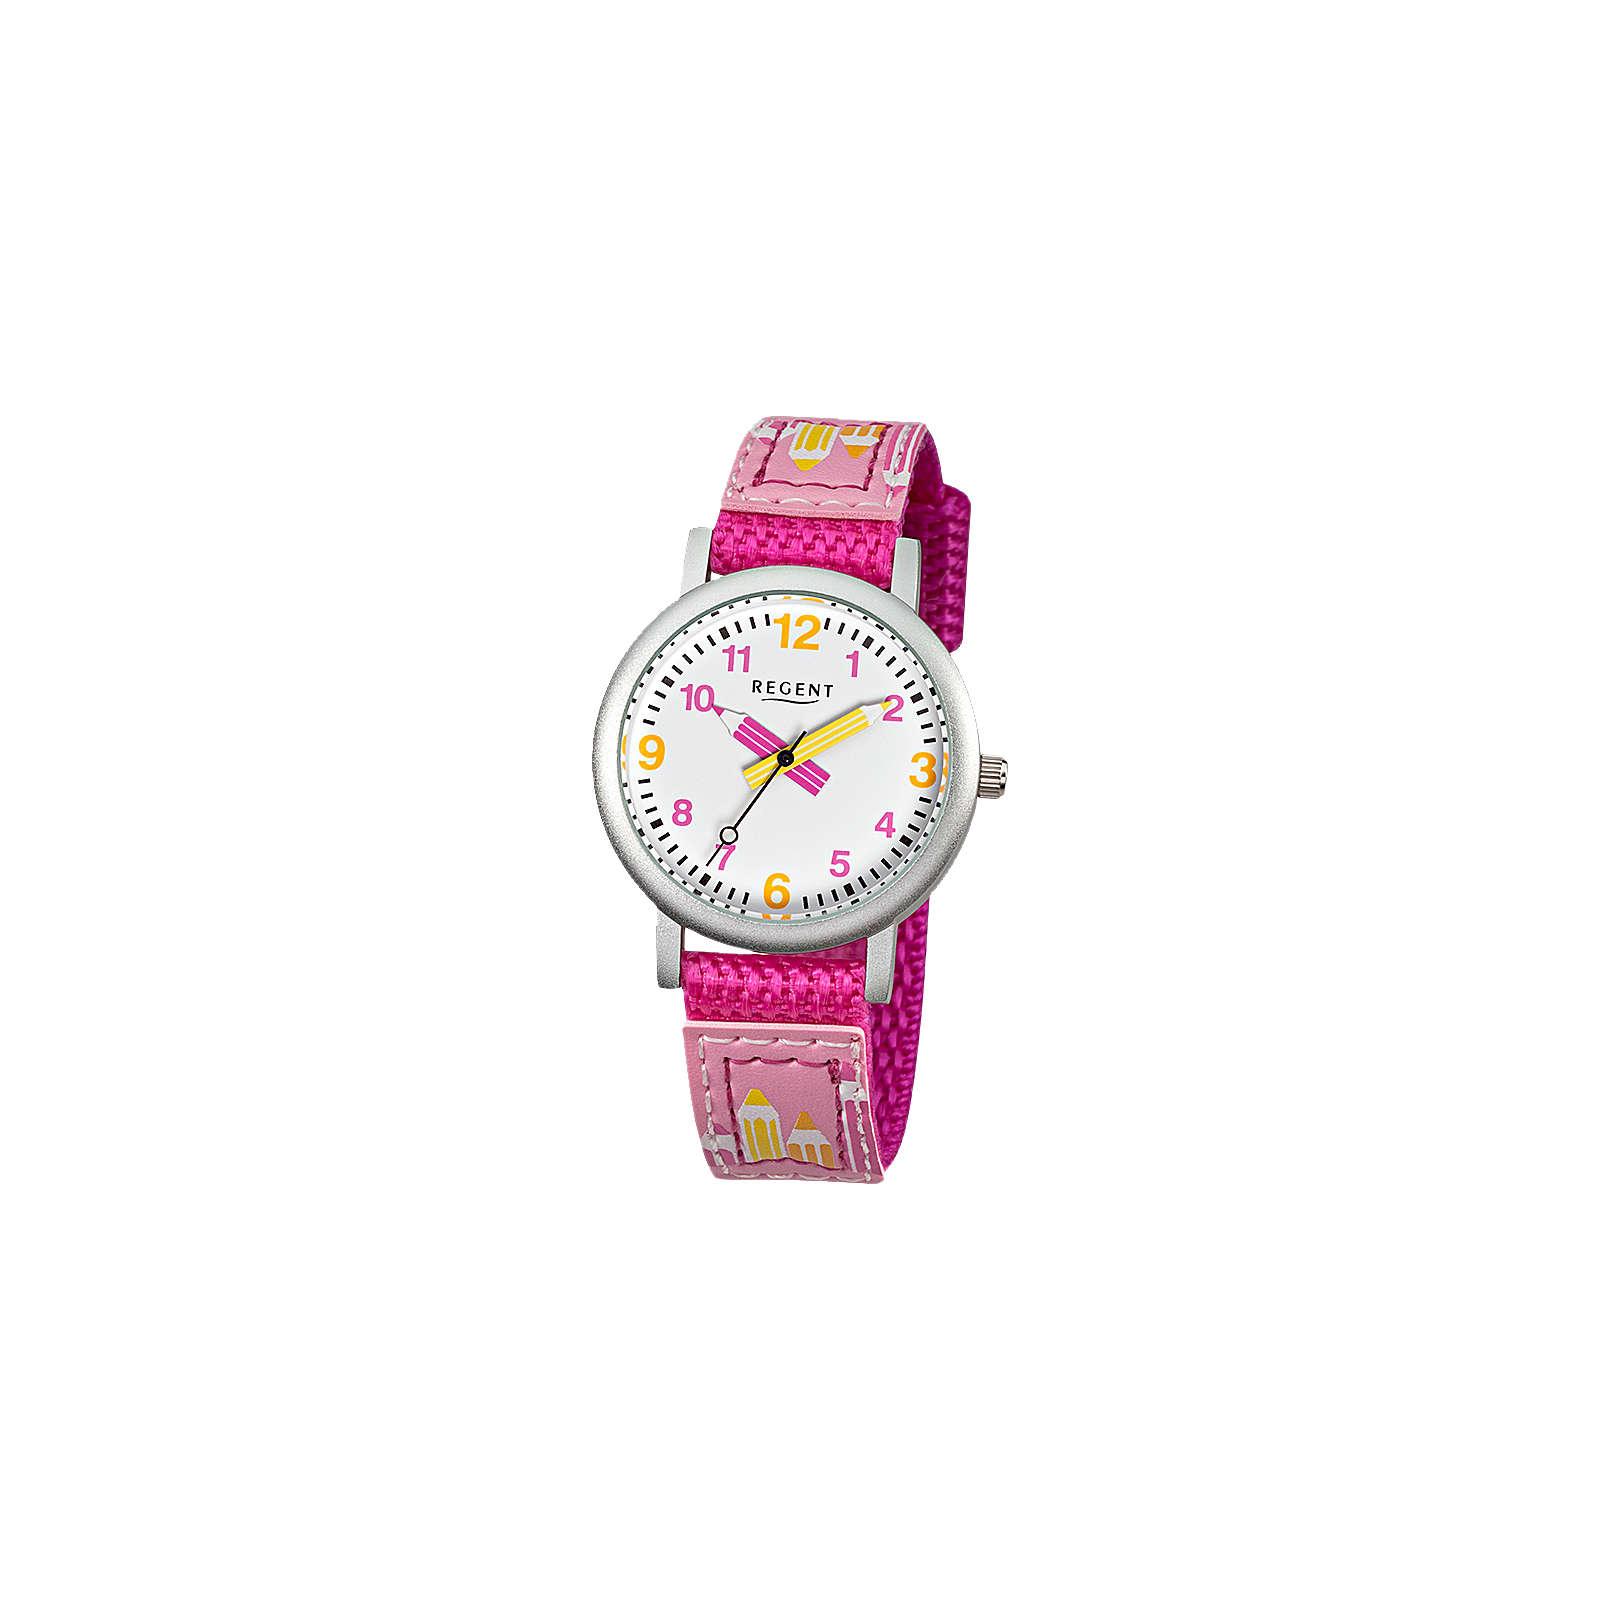 REGENT Kinder Armbanduhr Schule pink Mädchen